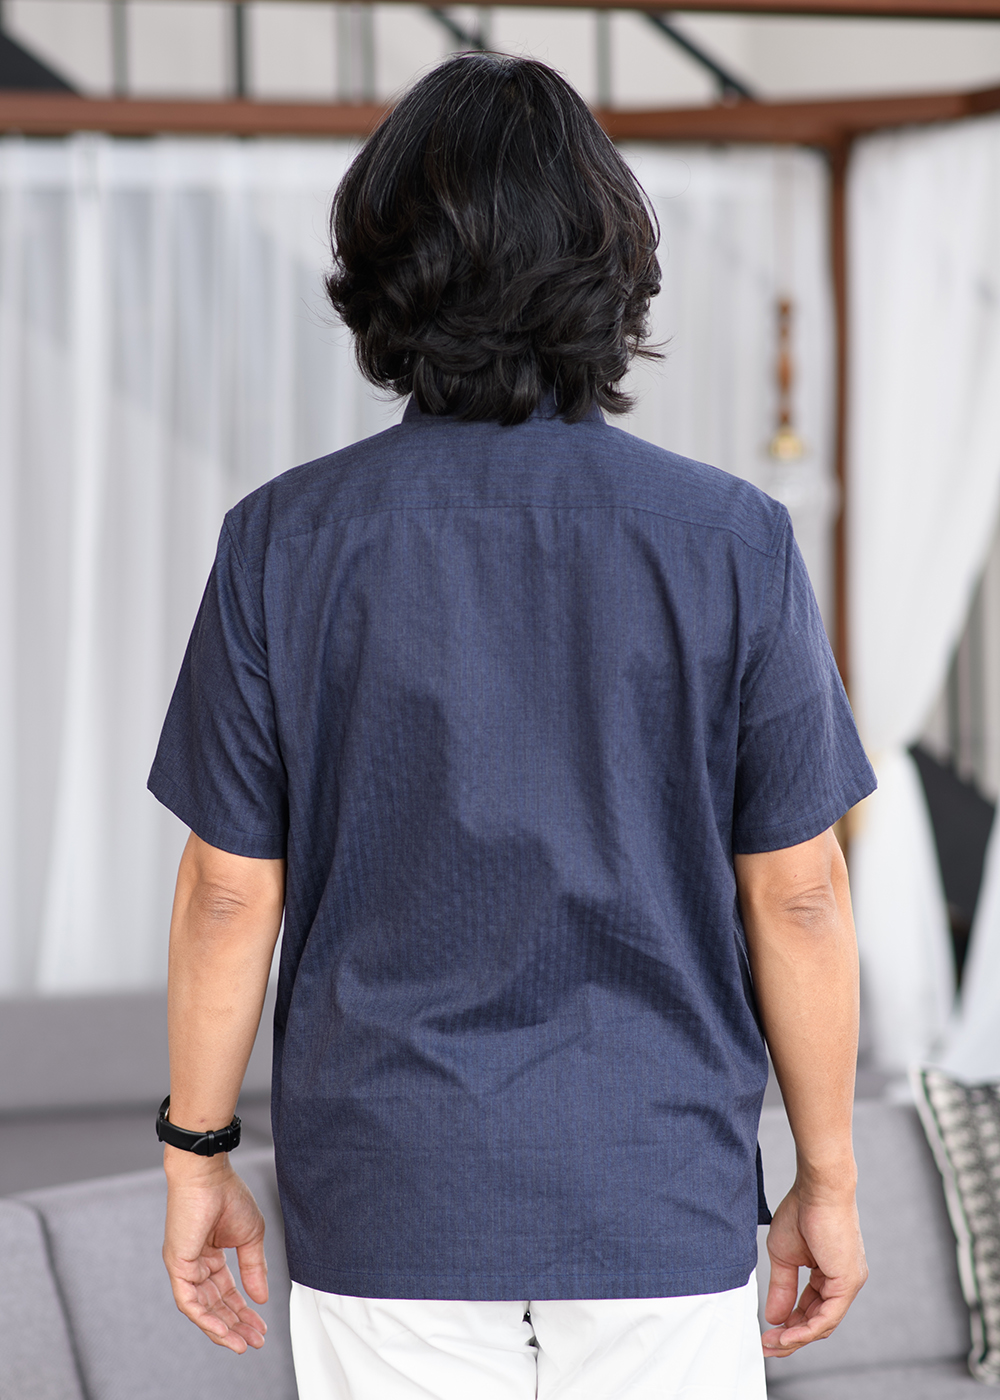 かりゆしウェア(沖縄版アロハシャツ) MAJUN - ストライプクイナ